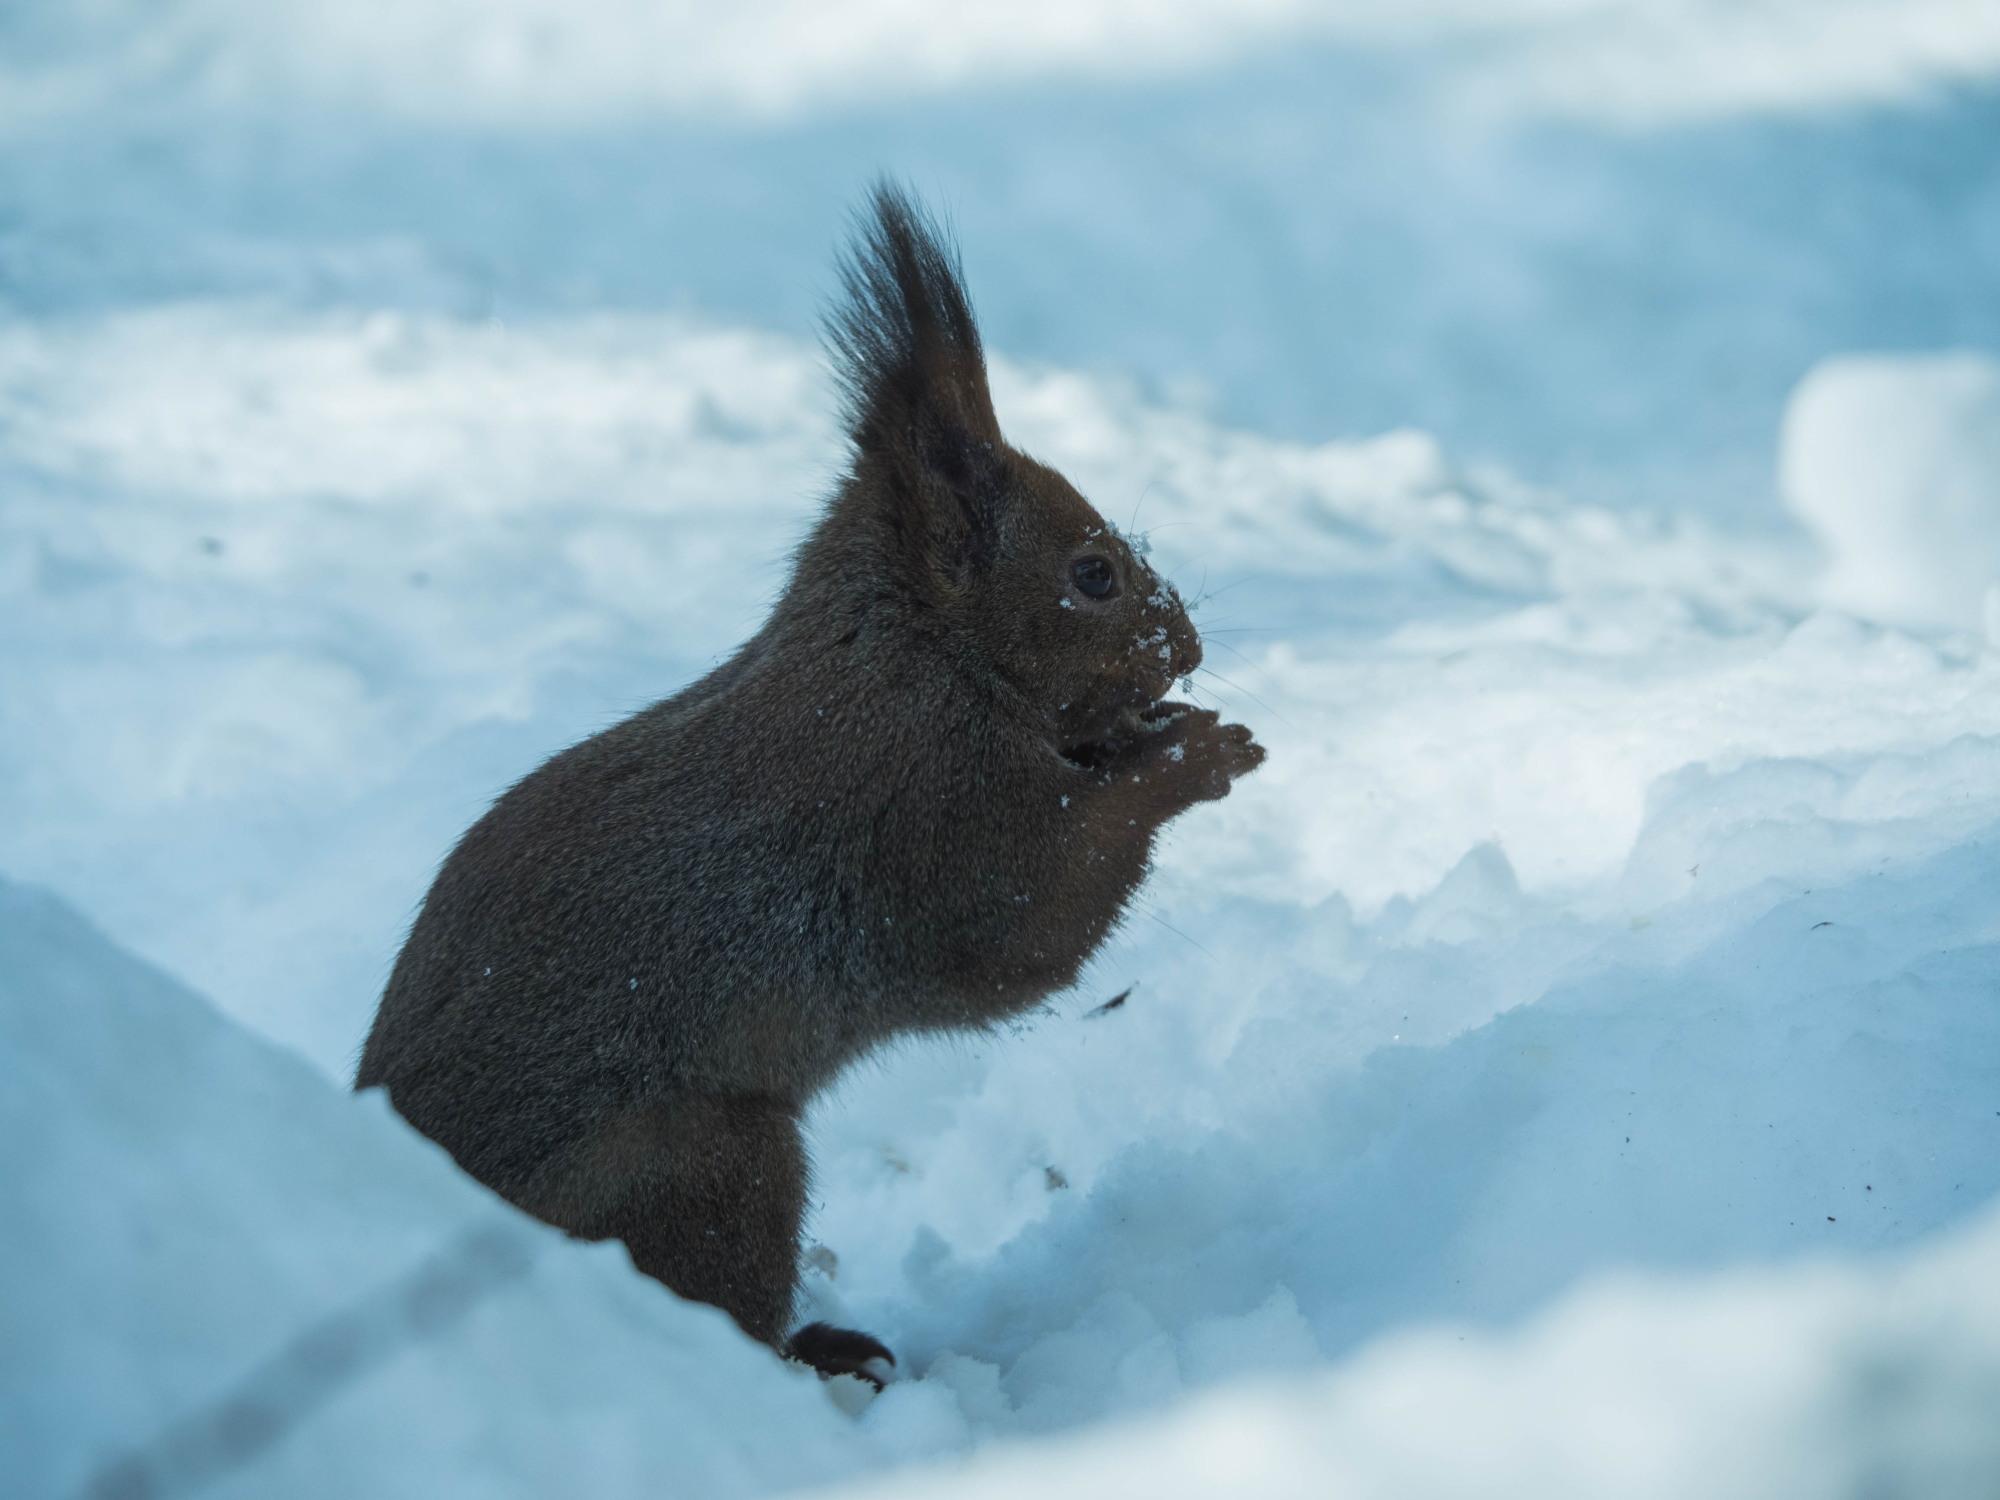 大雪の後は春の陽気。エゾリス君、雪に埋もれたリス小屋に呆然!_f0276498_22384380.jpg